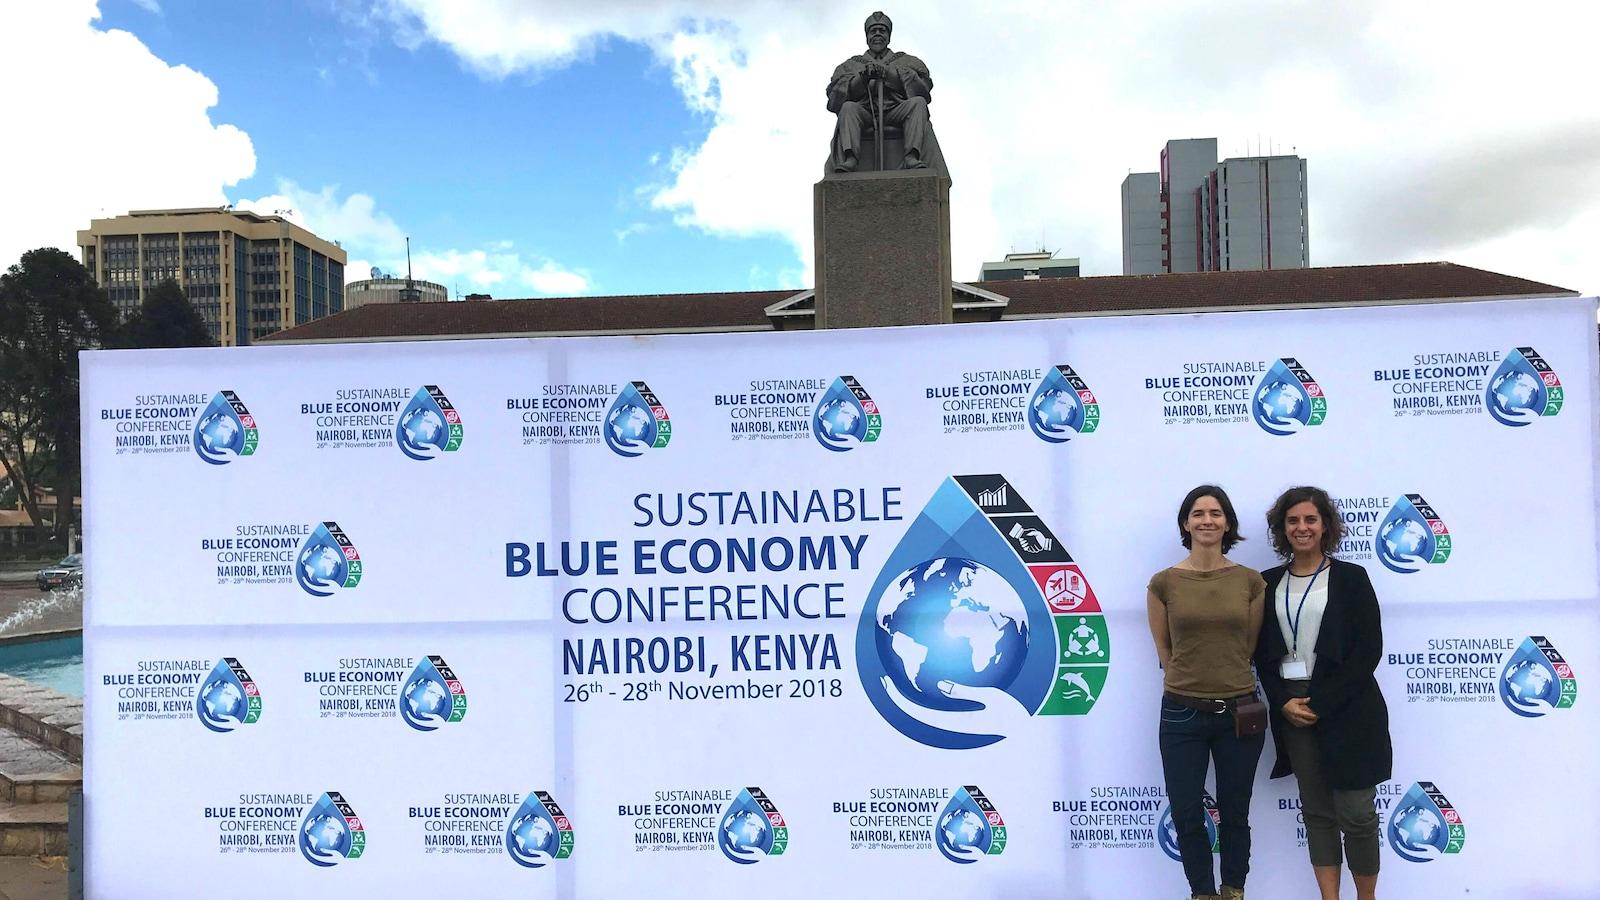 Catherine Lambert-Koizumi et Noémie Giguère devant une banderole de la Conférence sur l'économie bleue durable